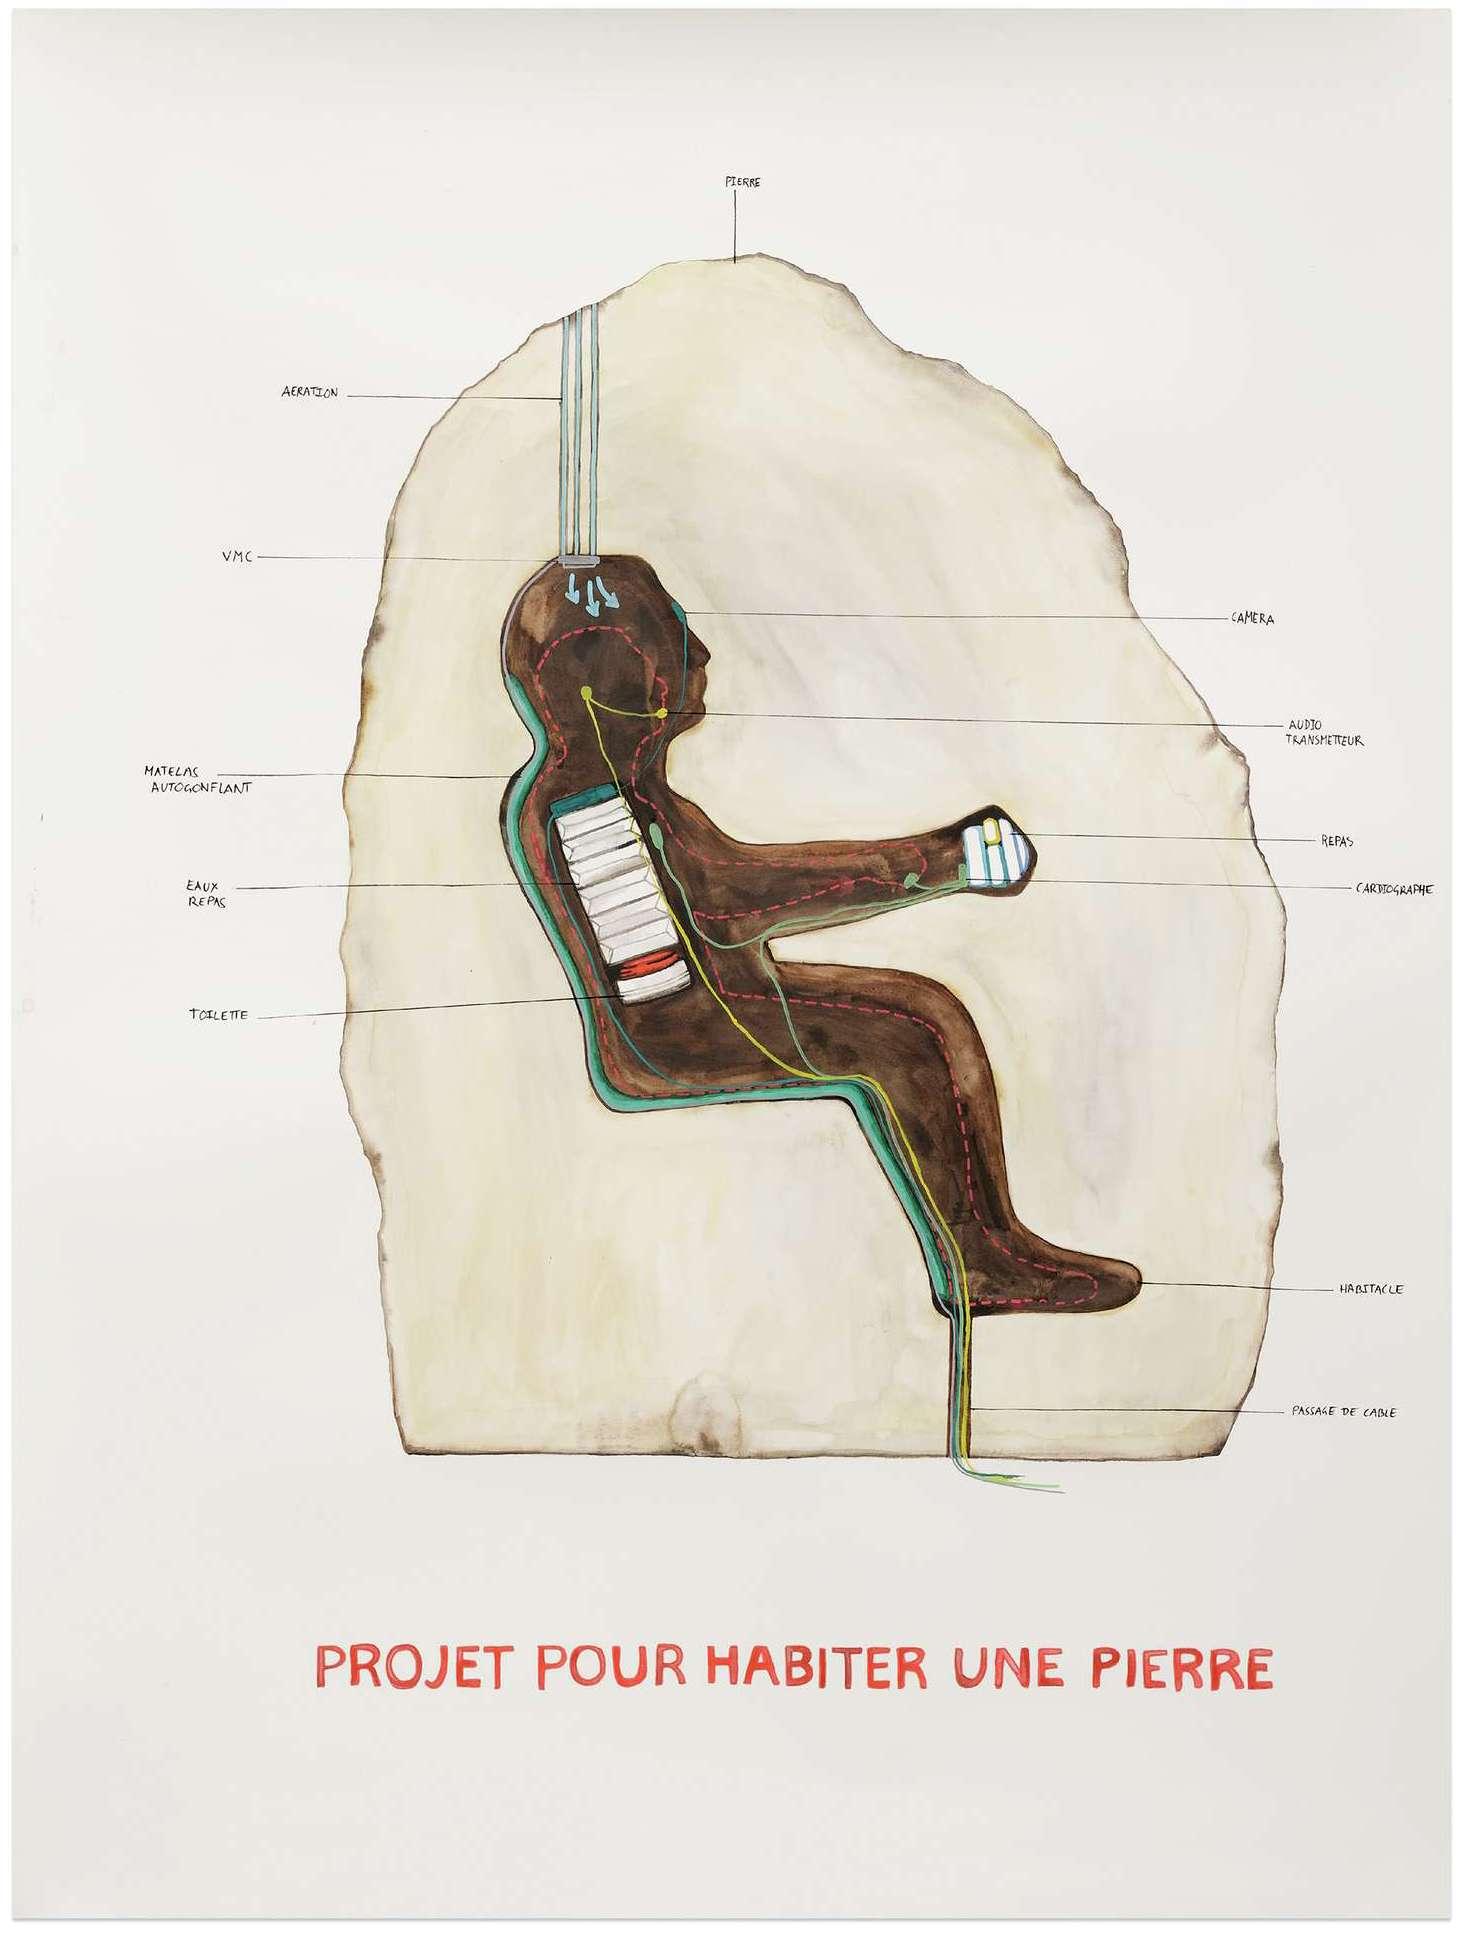 Abraham Poincheval, Projet pour habiter une pierre, 2017 Crayon et aquarelle sur papier115 × 85 cm / 45 2/8 × 33 1/2 in.